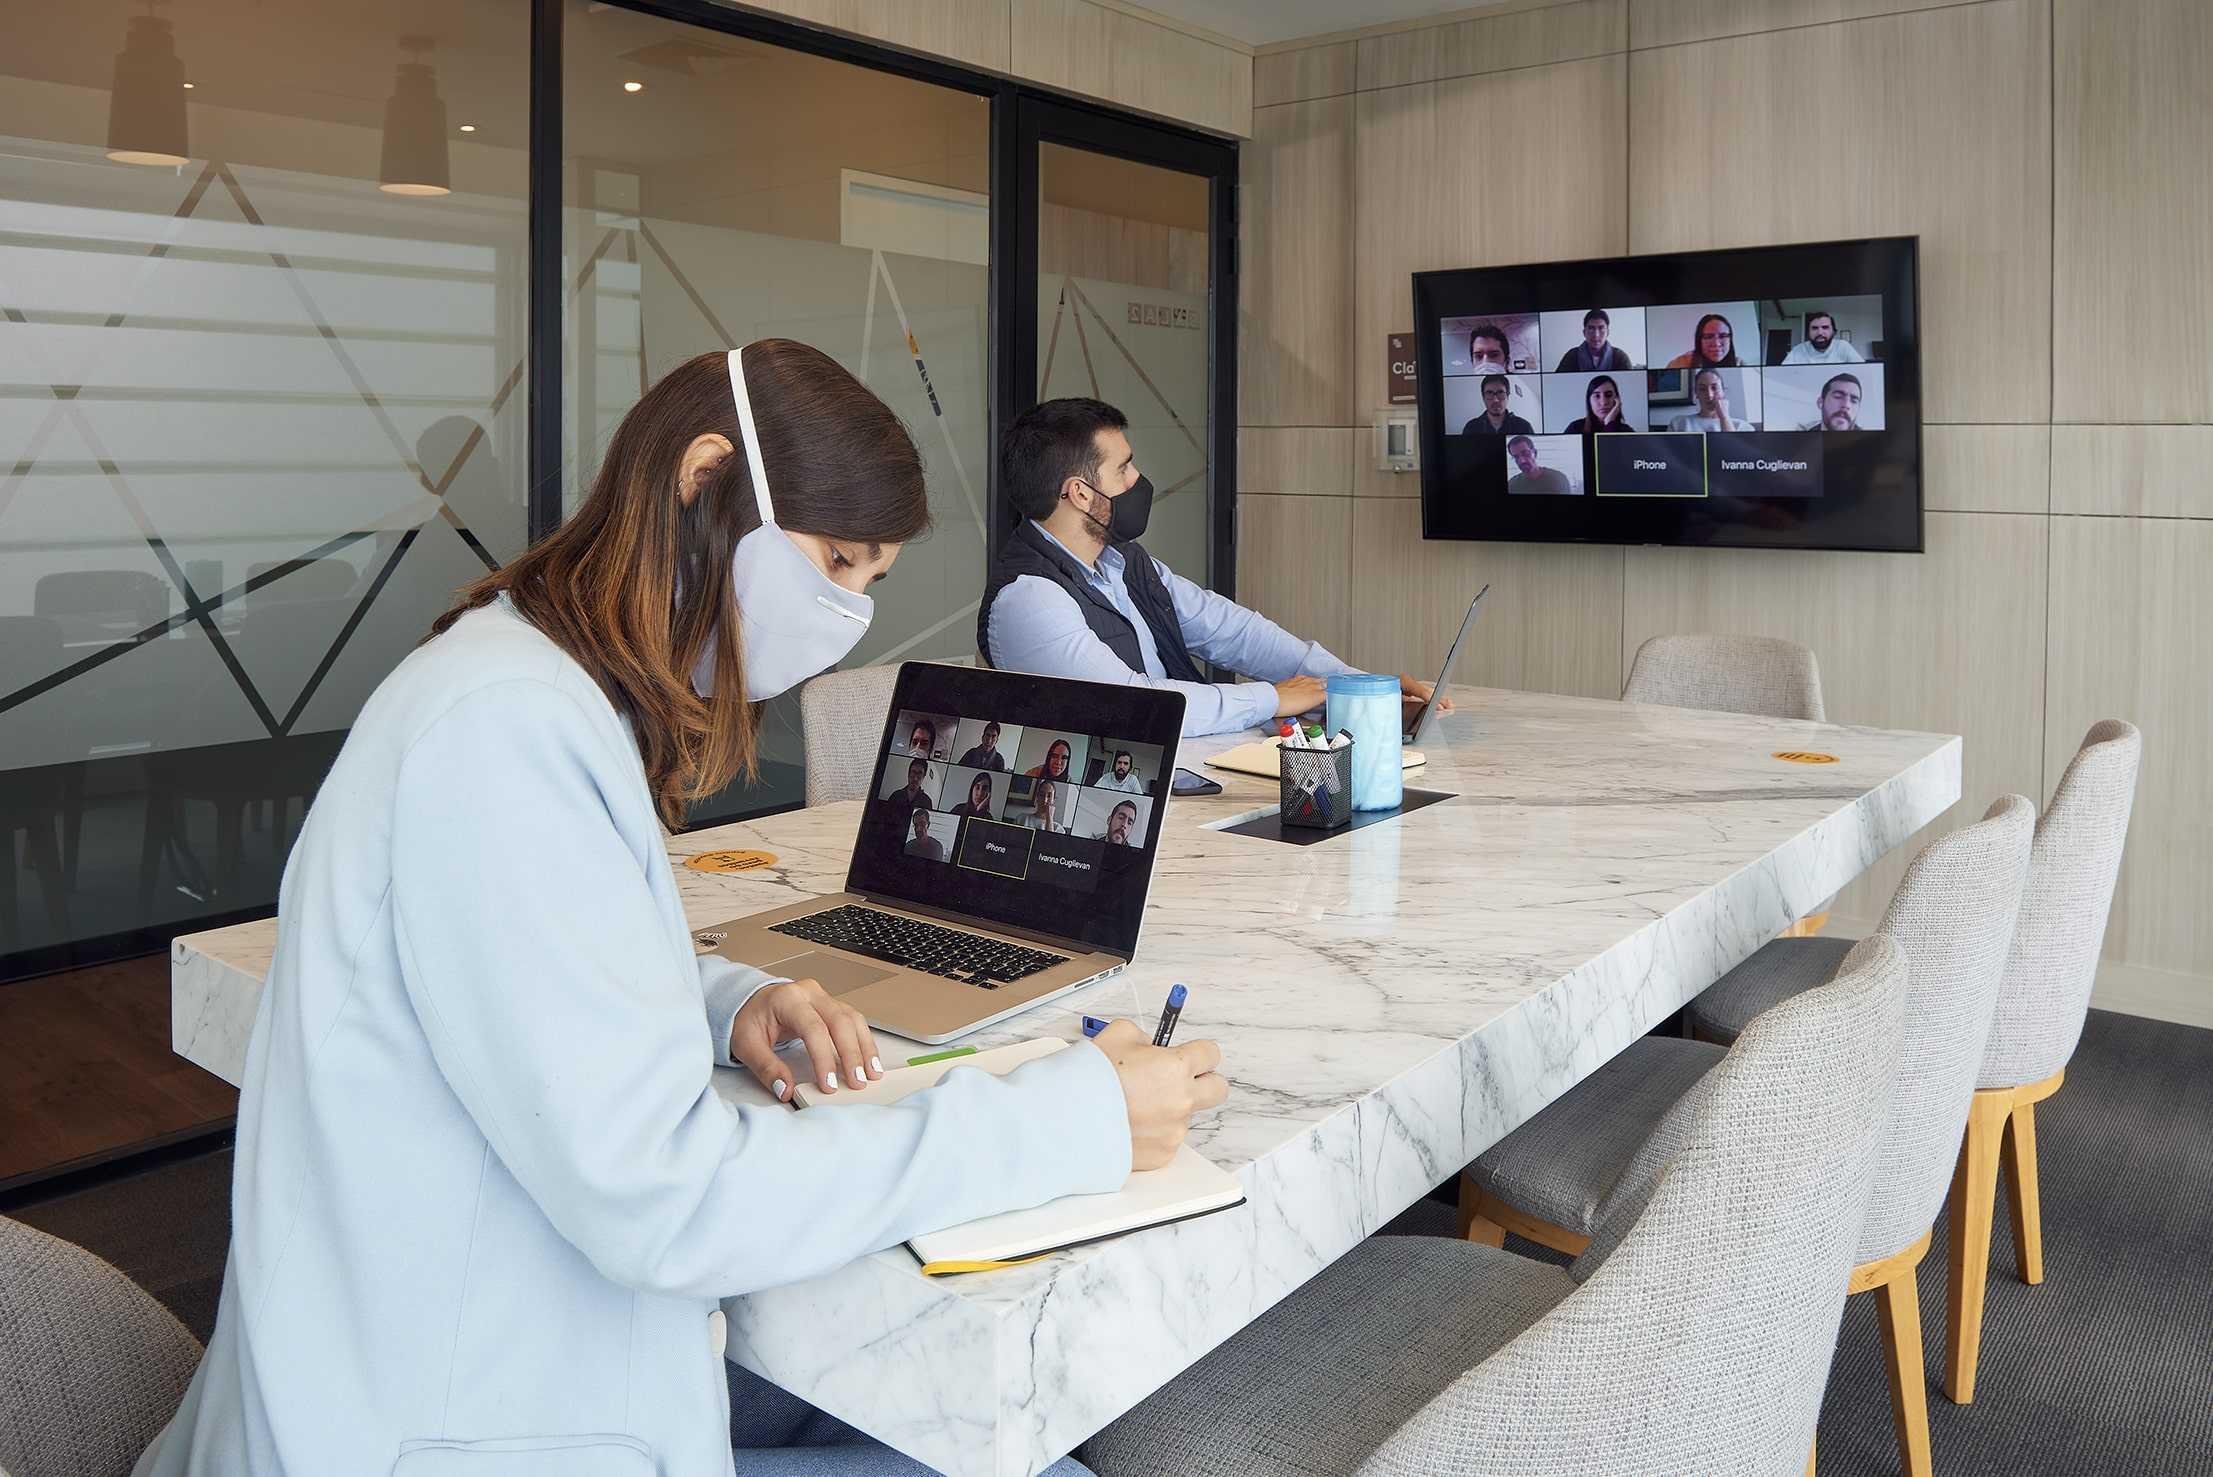 dos personas en una videoconferencia grupal